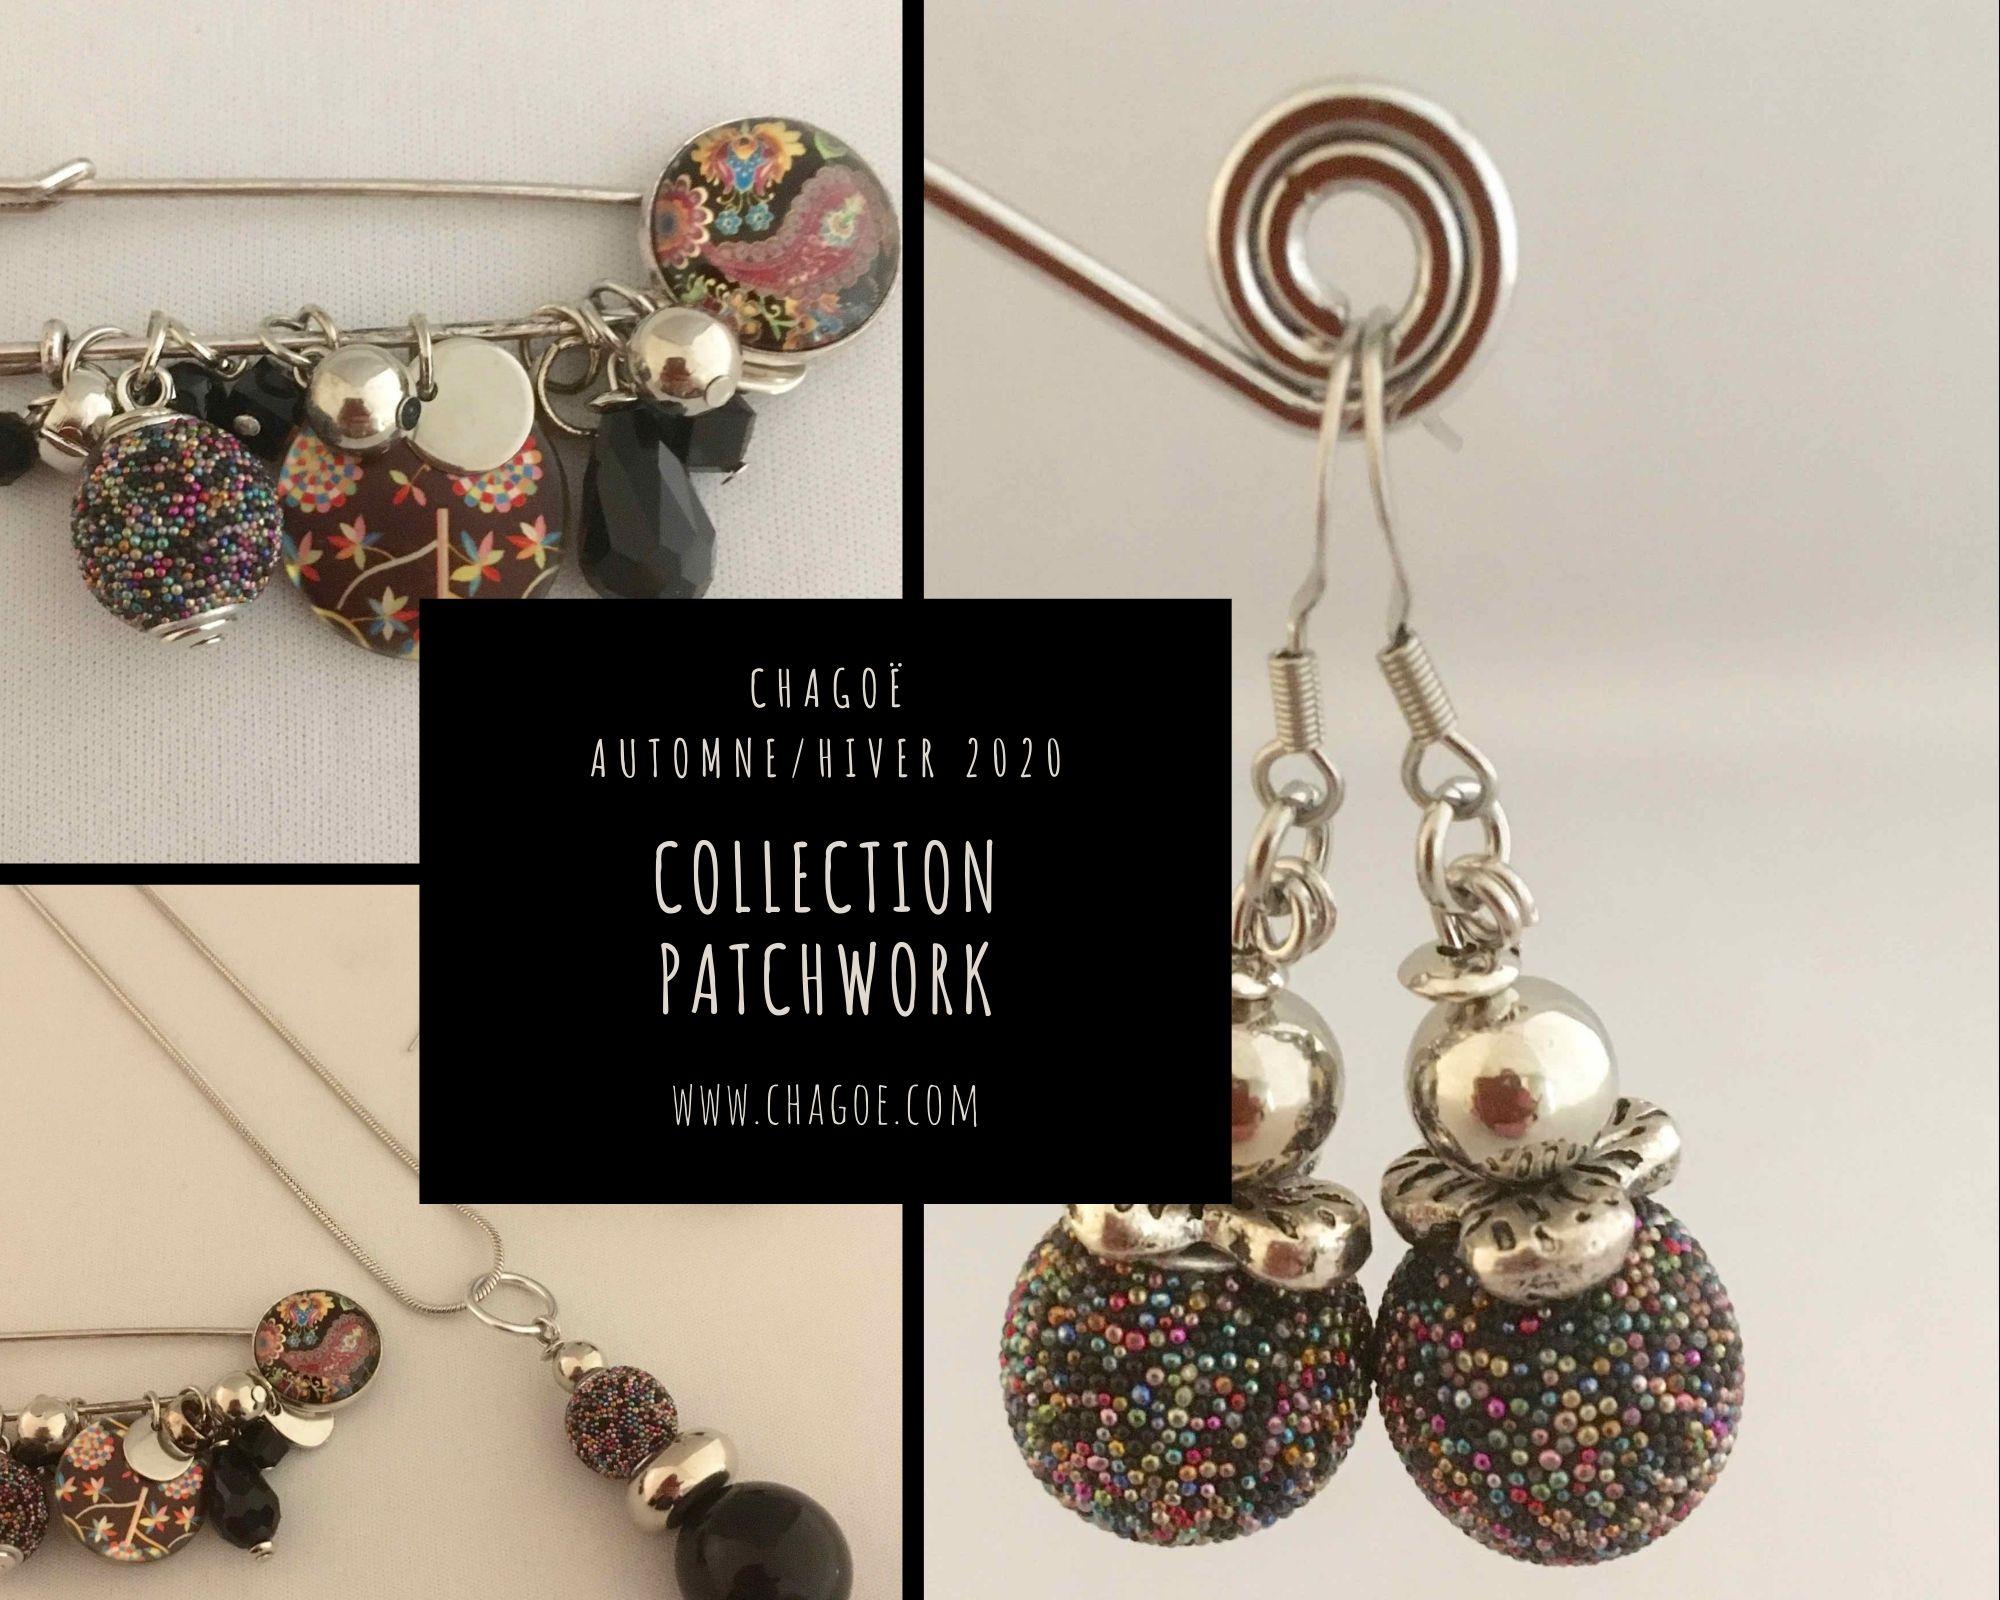 Collection PATCHWORK Chagoë , Automne/Hiver 2020